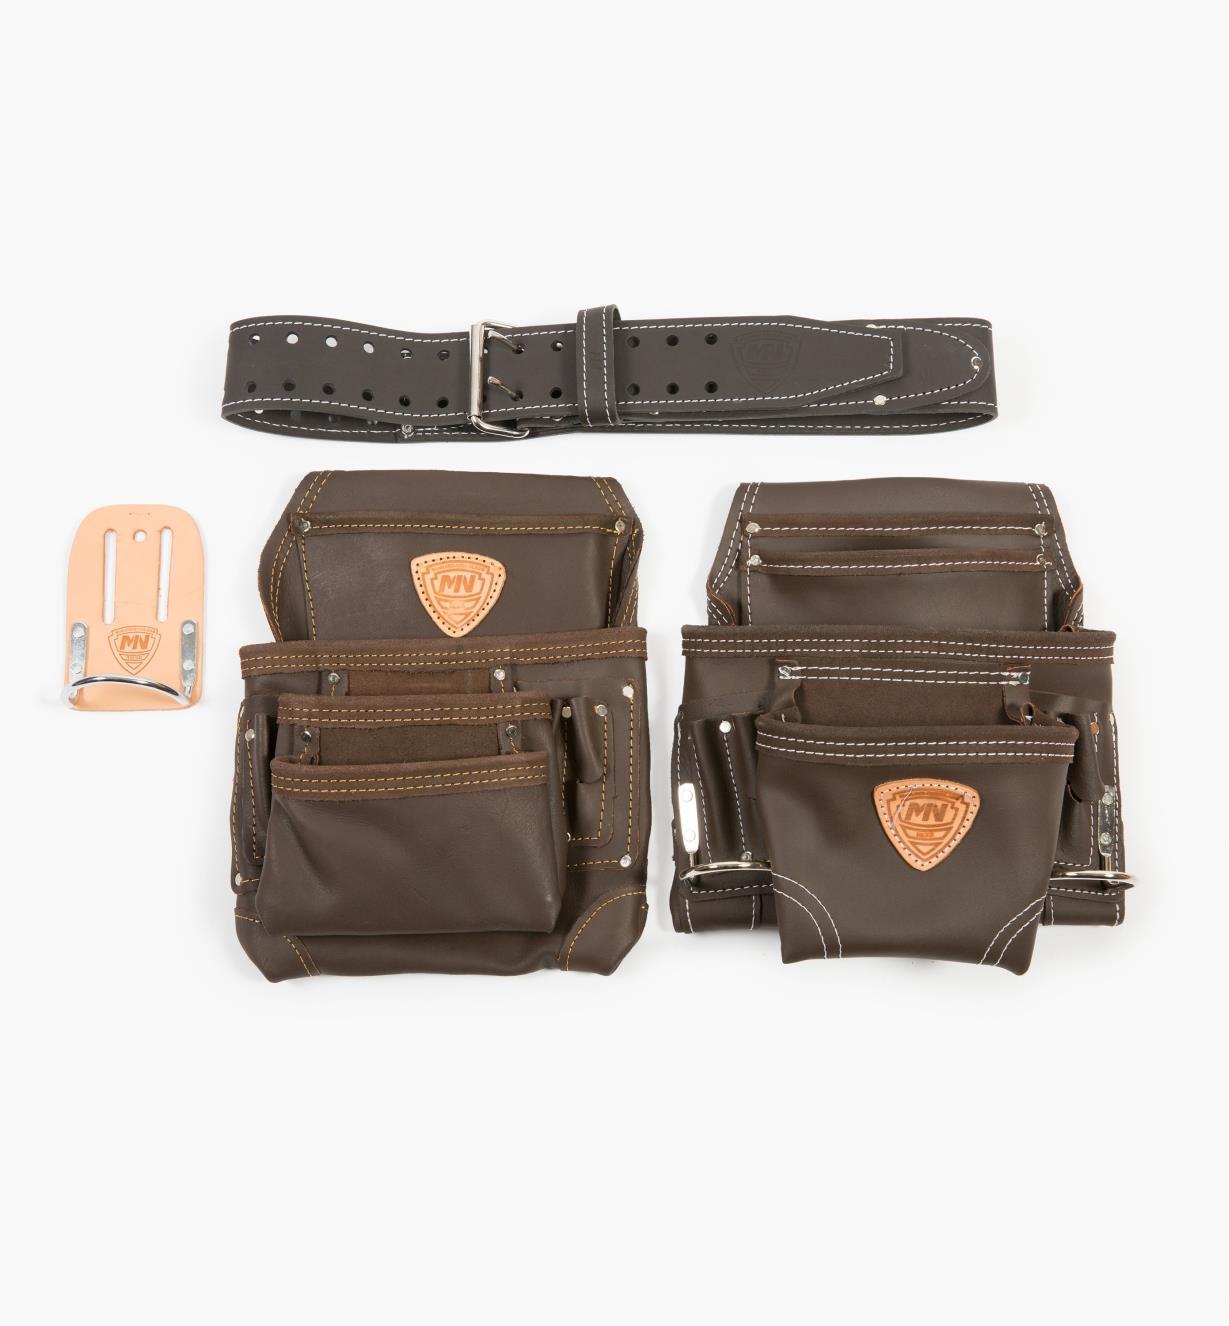 67K7537 - McGuire-Nicholas 4-Pc. Apron Set, Leather Belt